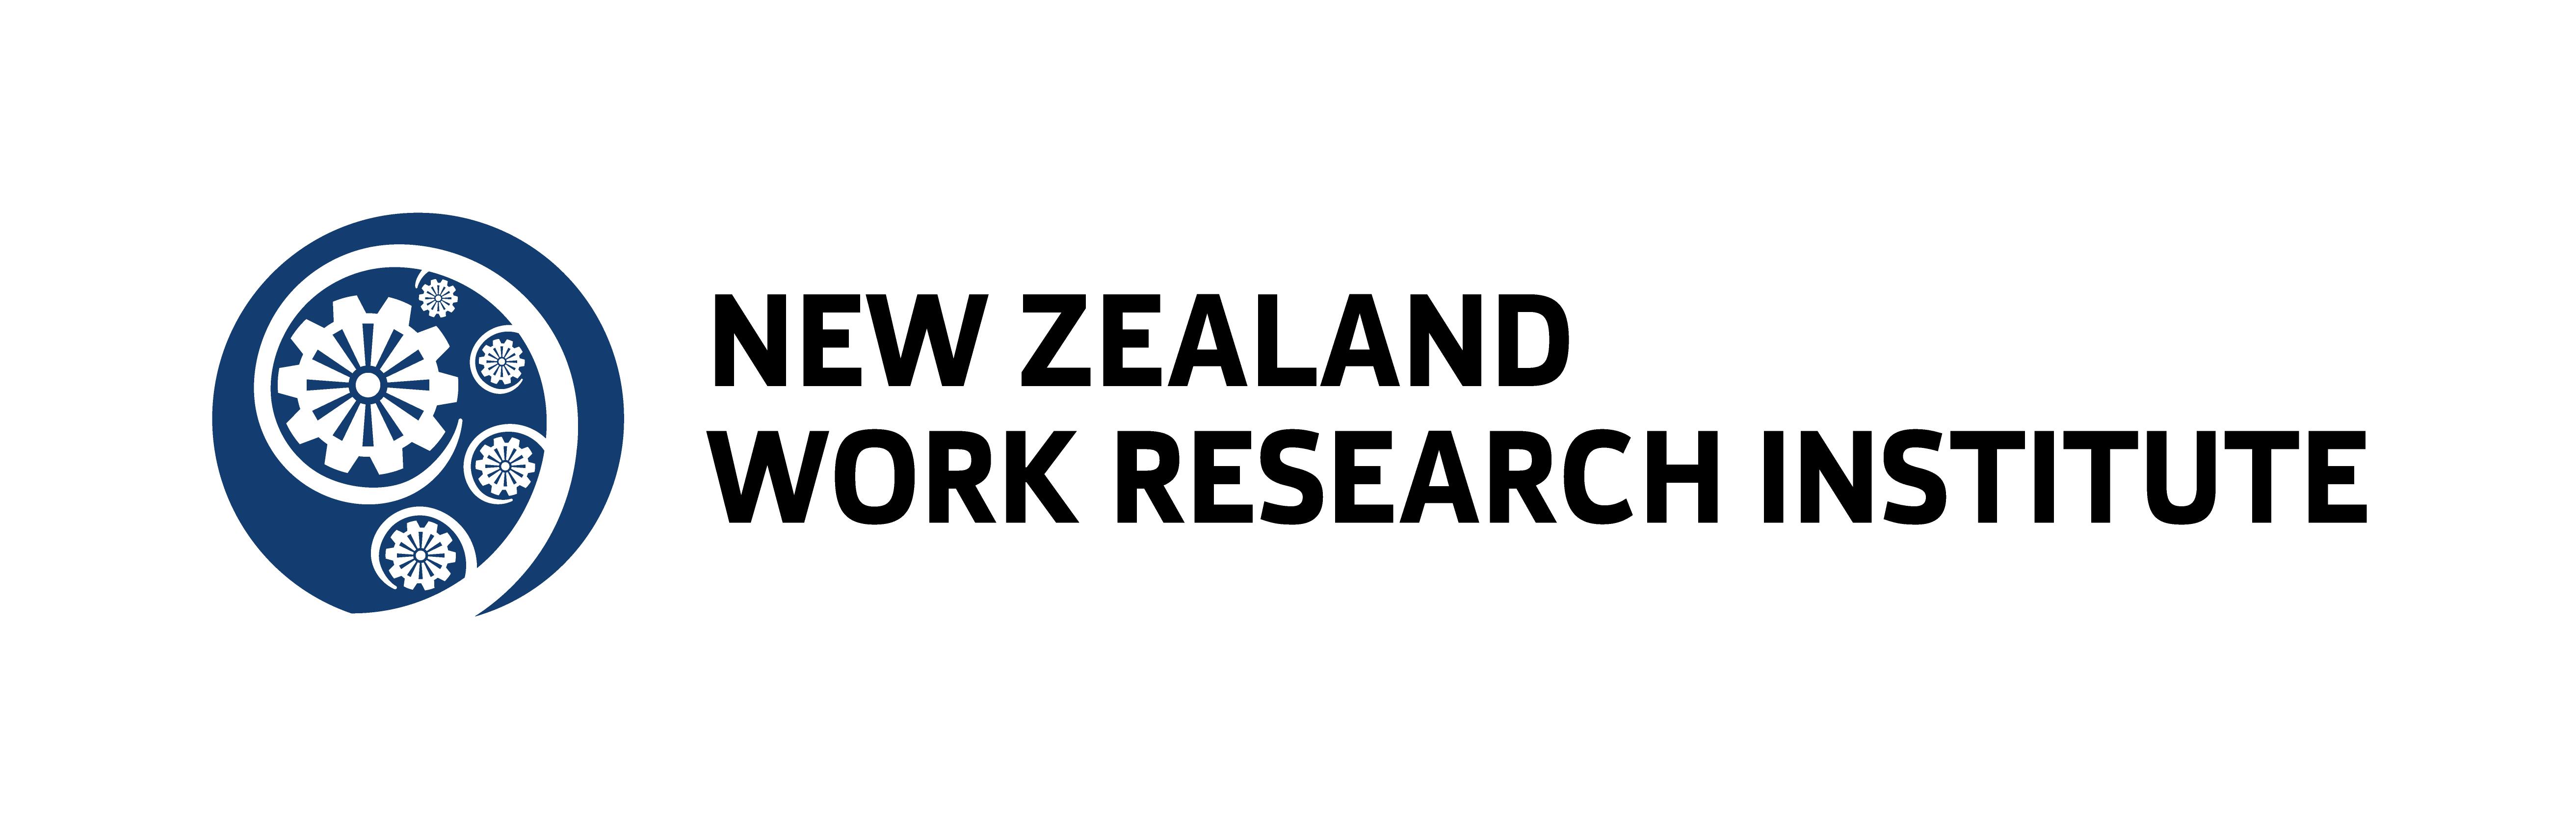 NZ Work Research Institute logo